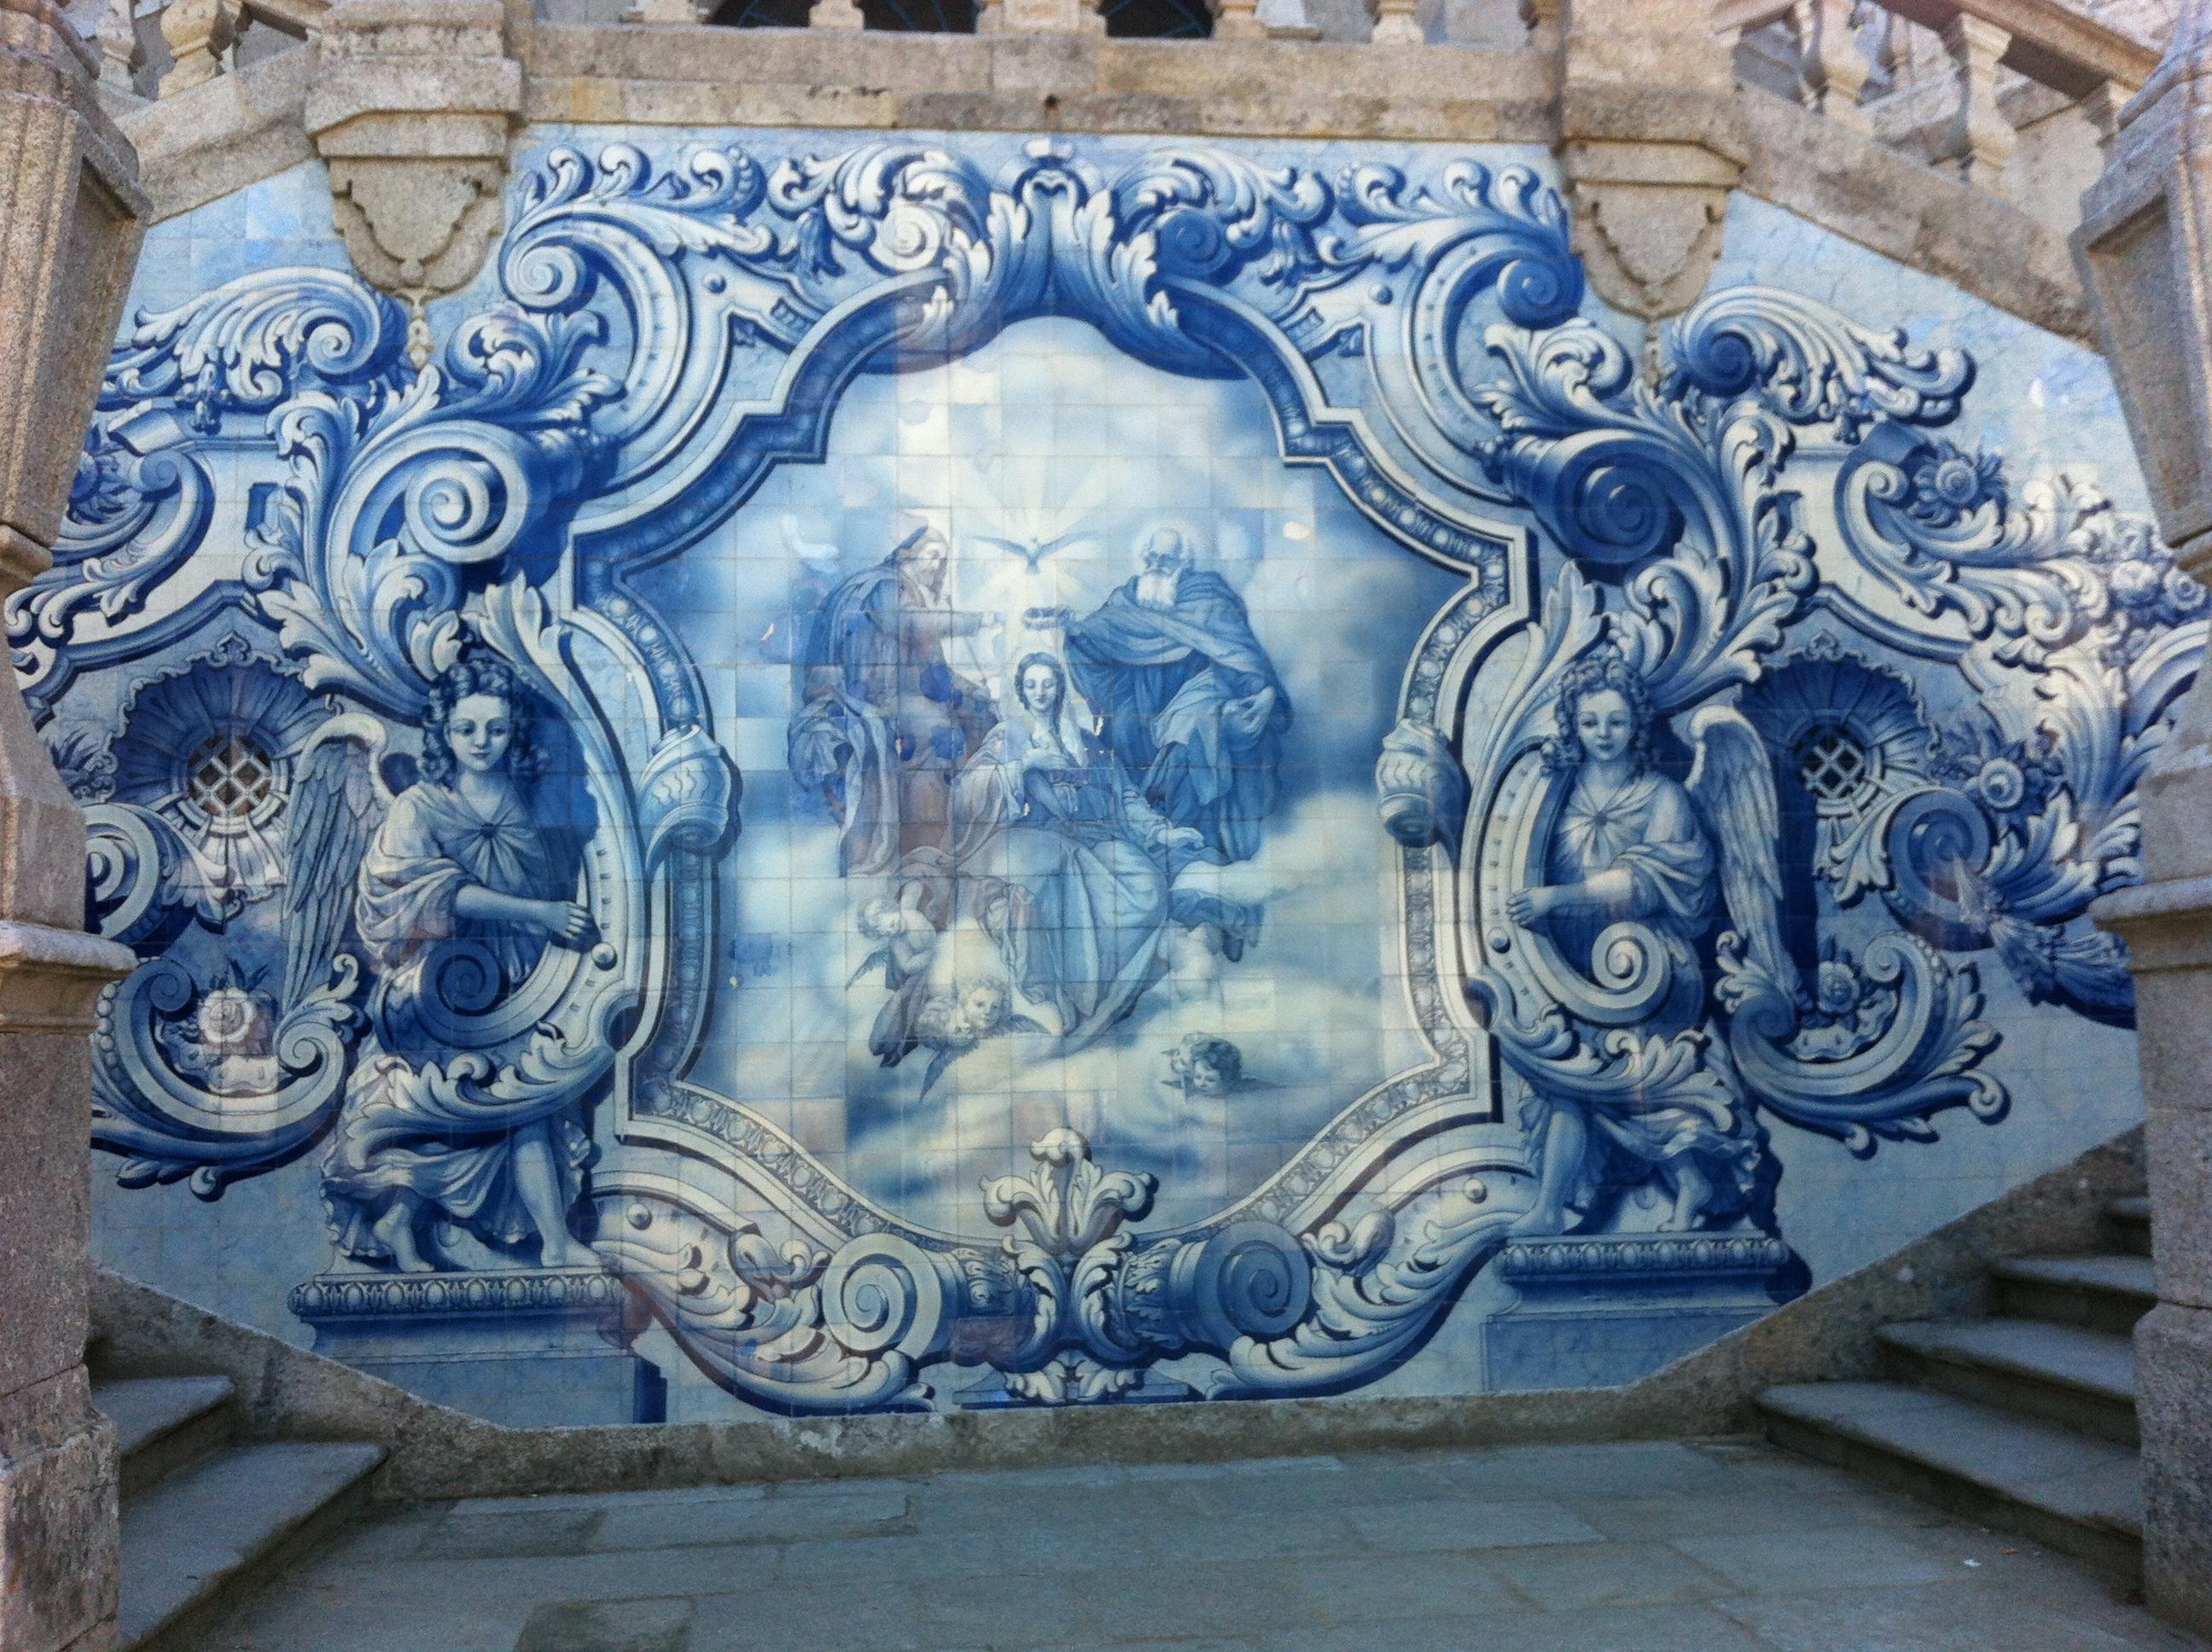 Superbe mur d'azulejos - un azulejos ou azuléjos désigne en Espagne et au Portugal un carreau ou un ensemble de carreaux de faïence décorés et ornésornés de motifs géométriques ou de représentations figuratives comme ici où on a représenté le couronnement de la Vierge dans l'escalier monumental de 686 marches du sanctuaire de Notre-Dame des Remèdes à Lamego au Portugal.(Crédits photo : H. Giguère)